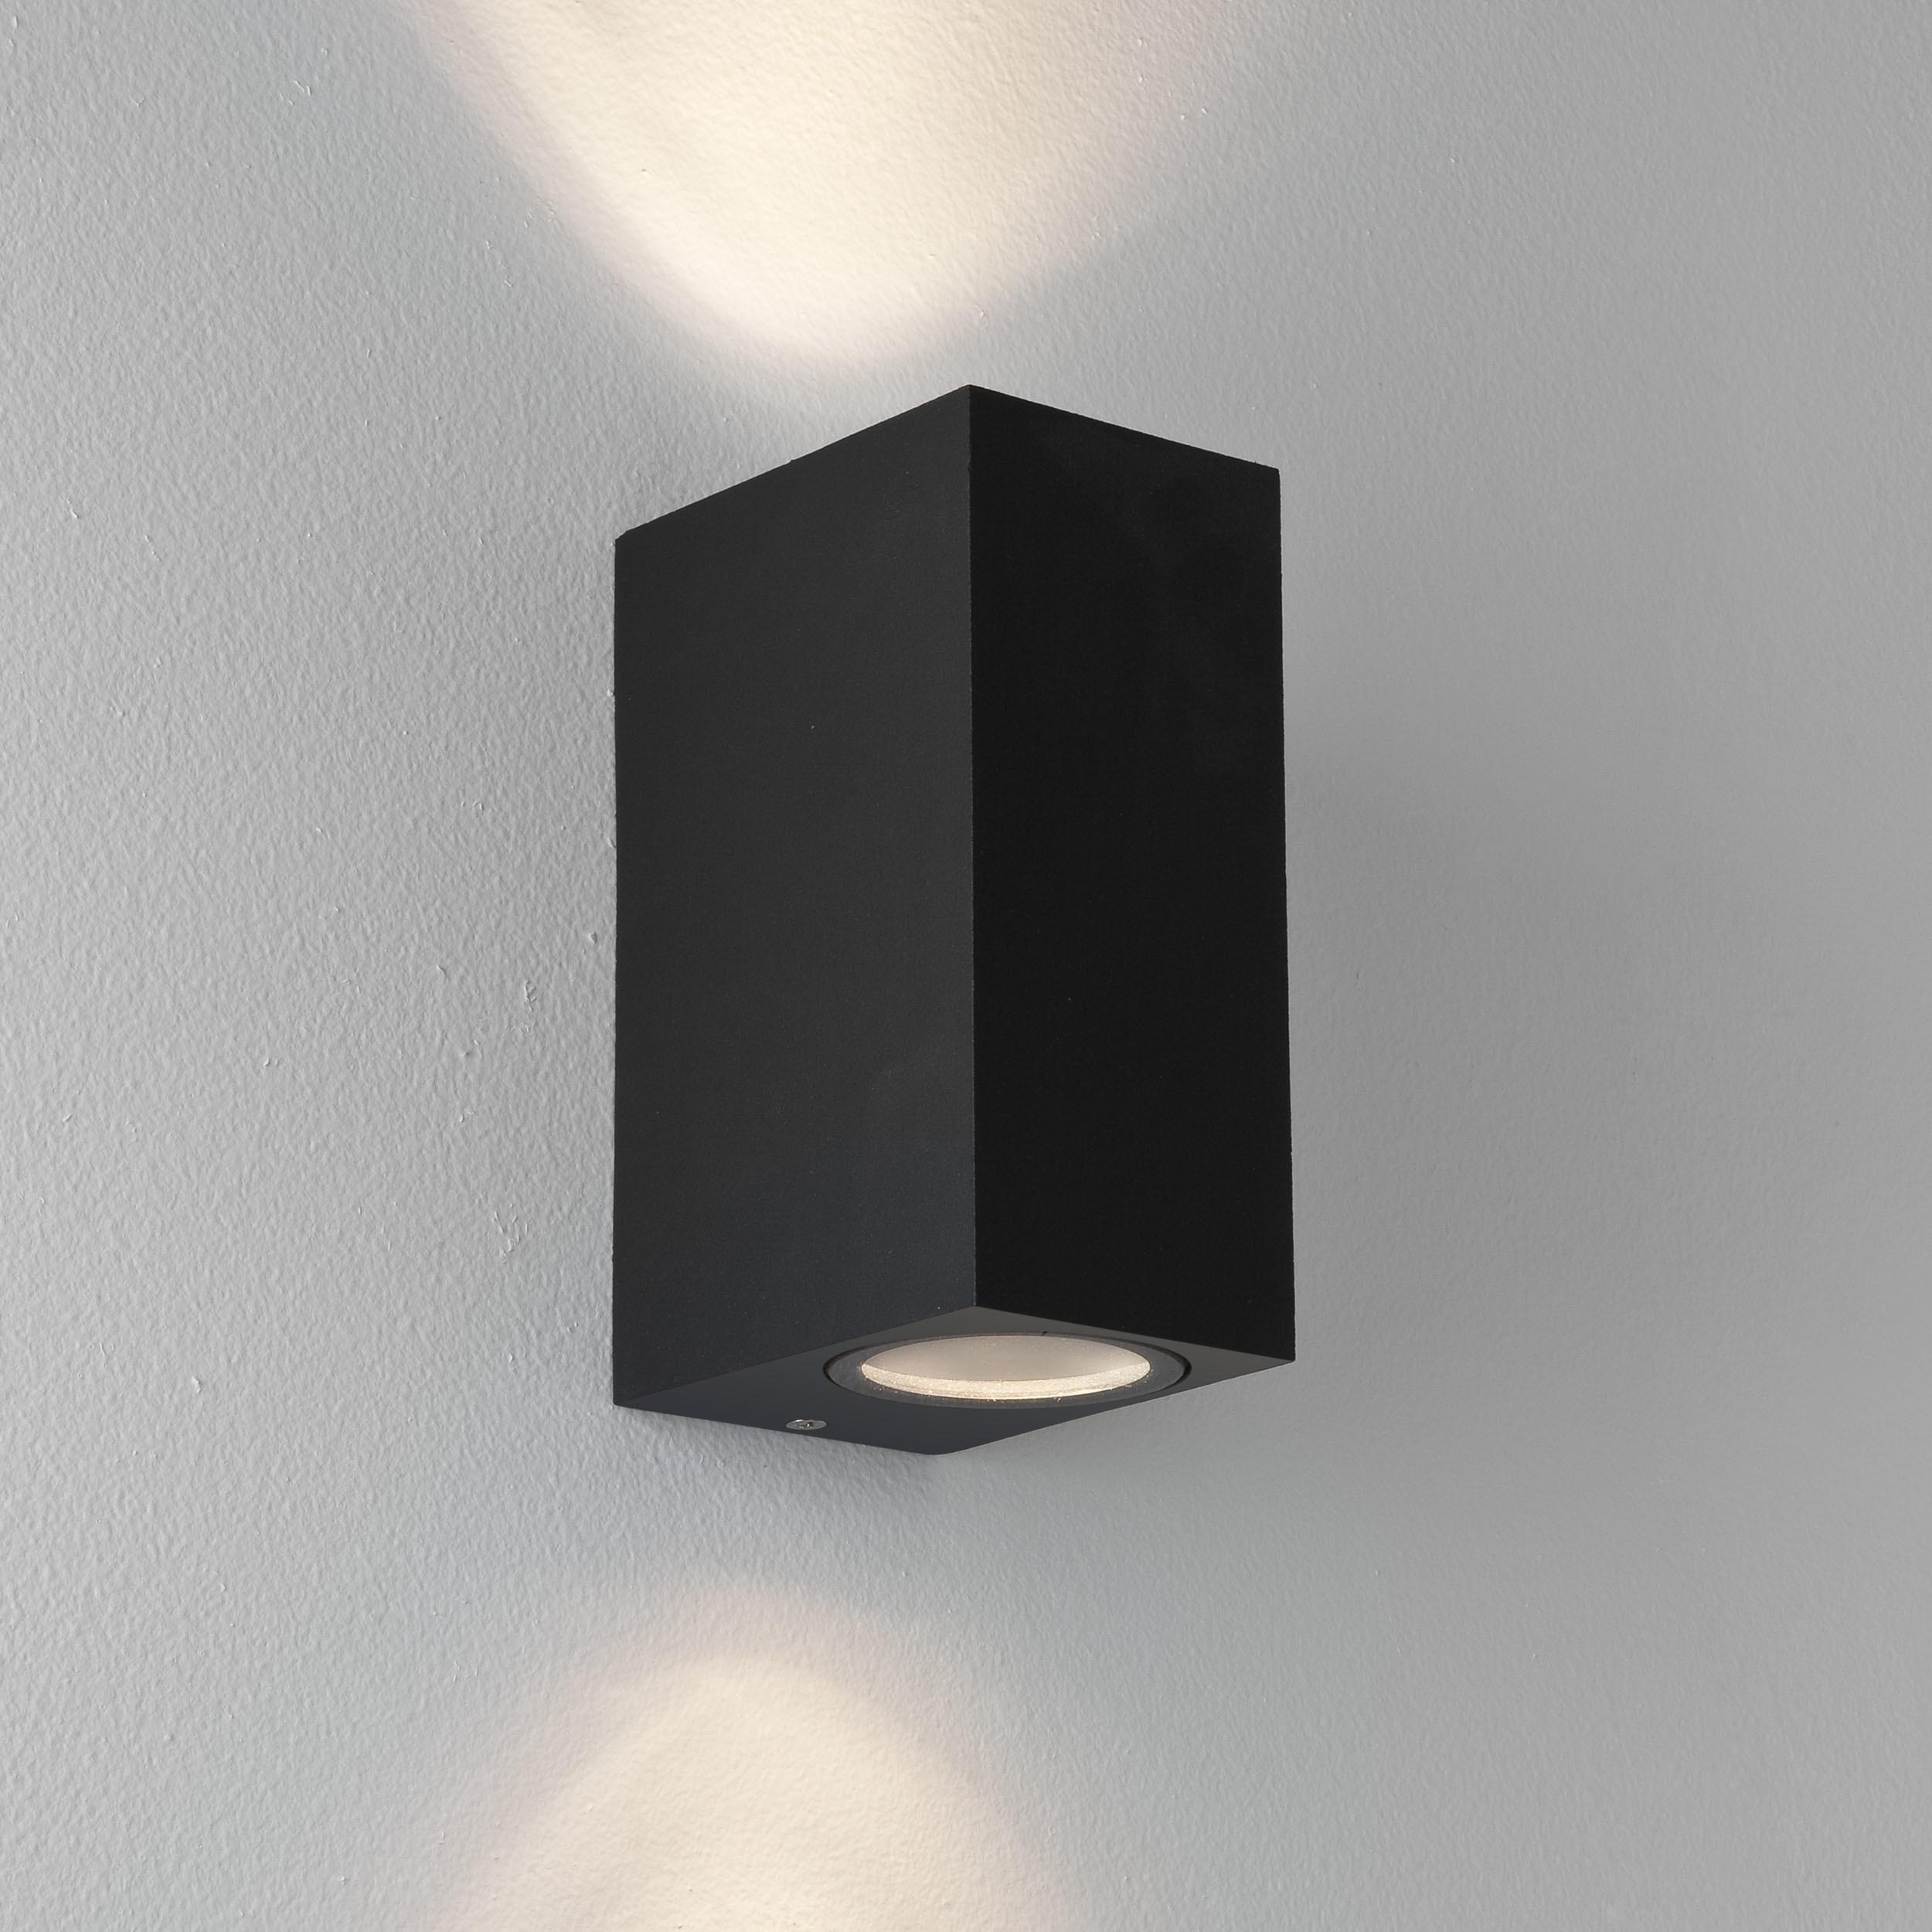 Настенный светильник Astro Chios 1310004 (7128), IP44, 2xGU10x6W, прозрачный, черный, металл, стекло - фото 1